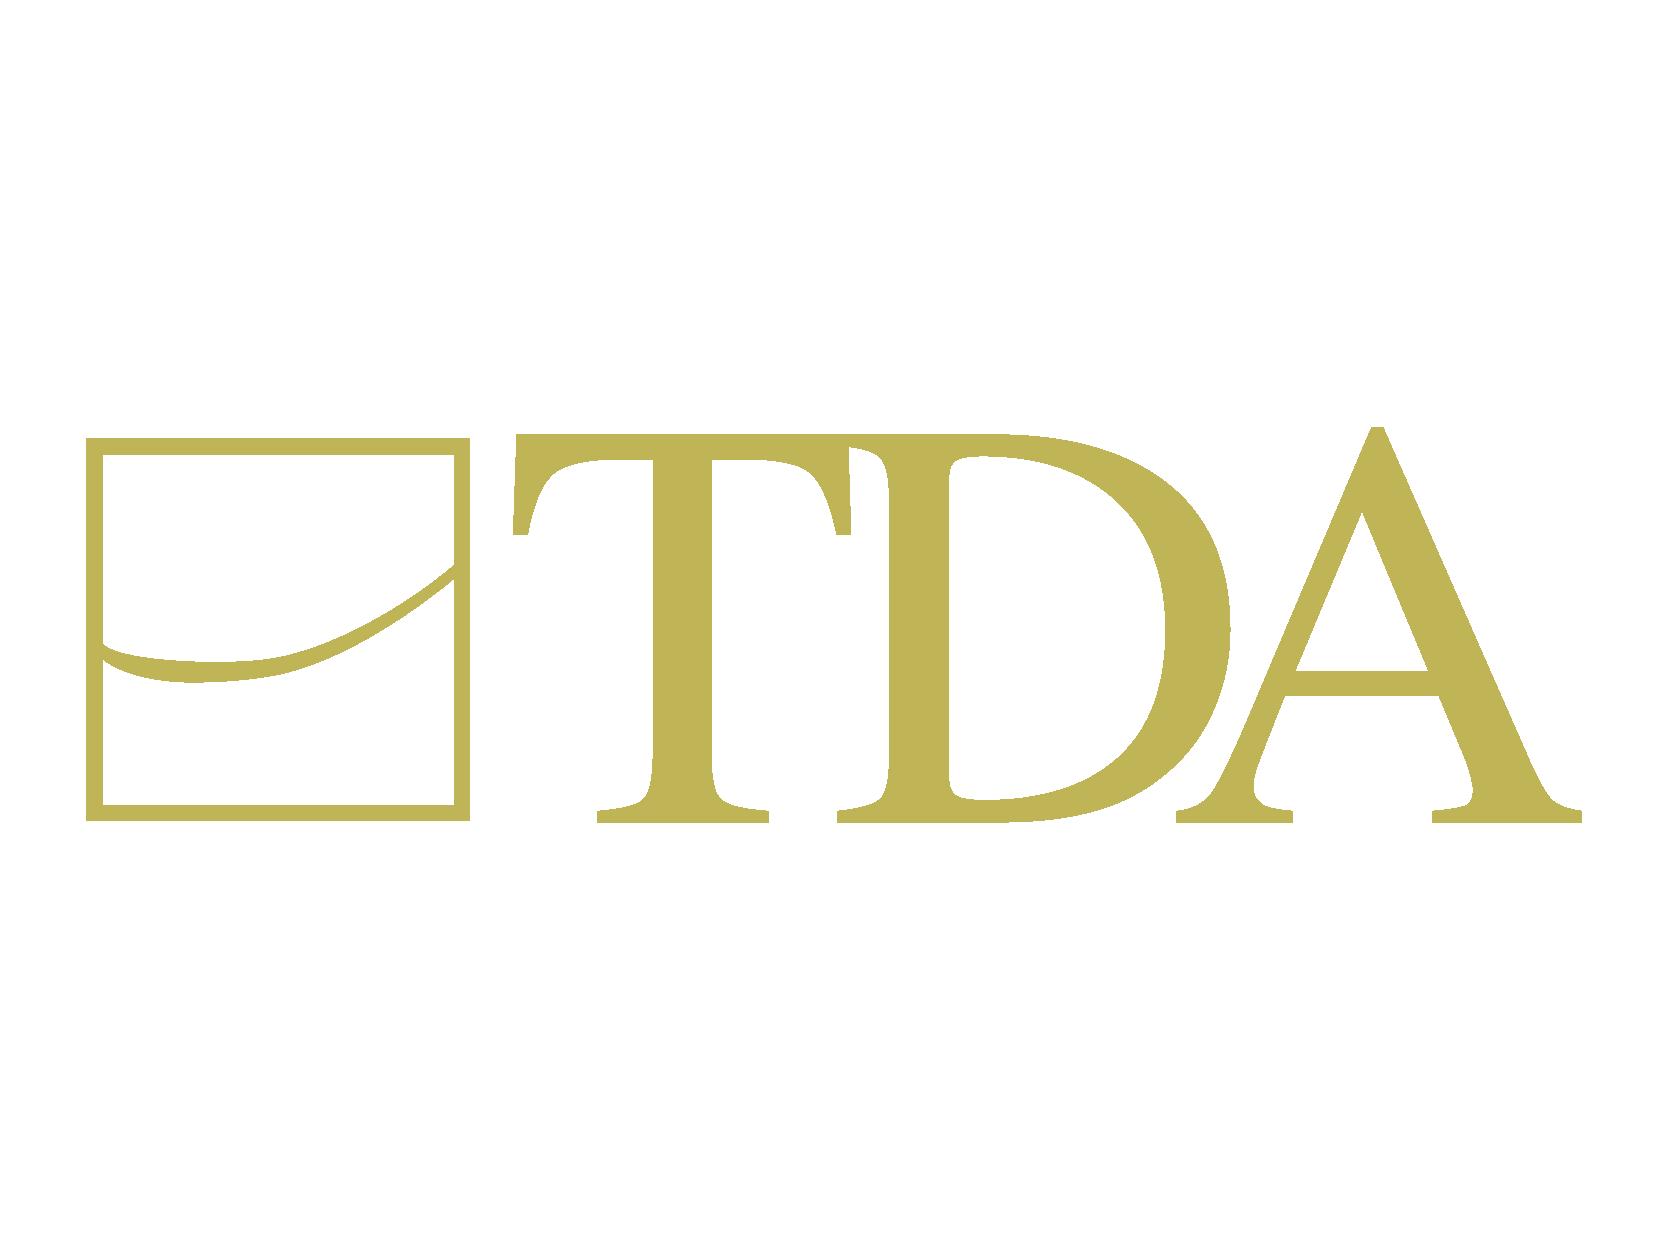 tda-gold-logo.png